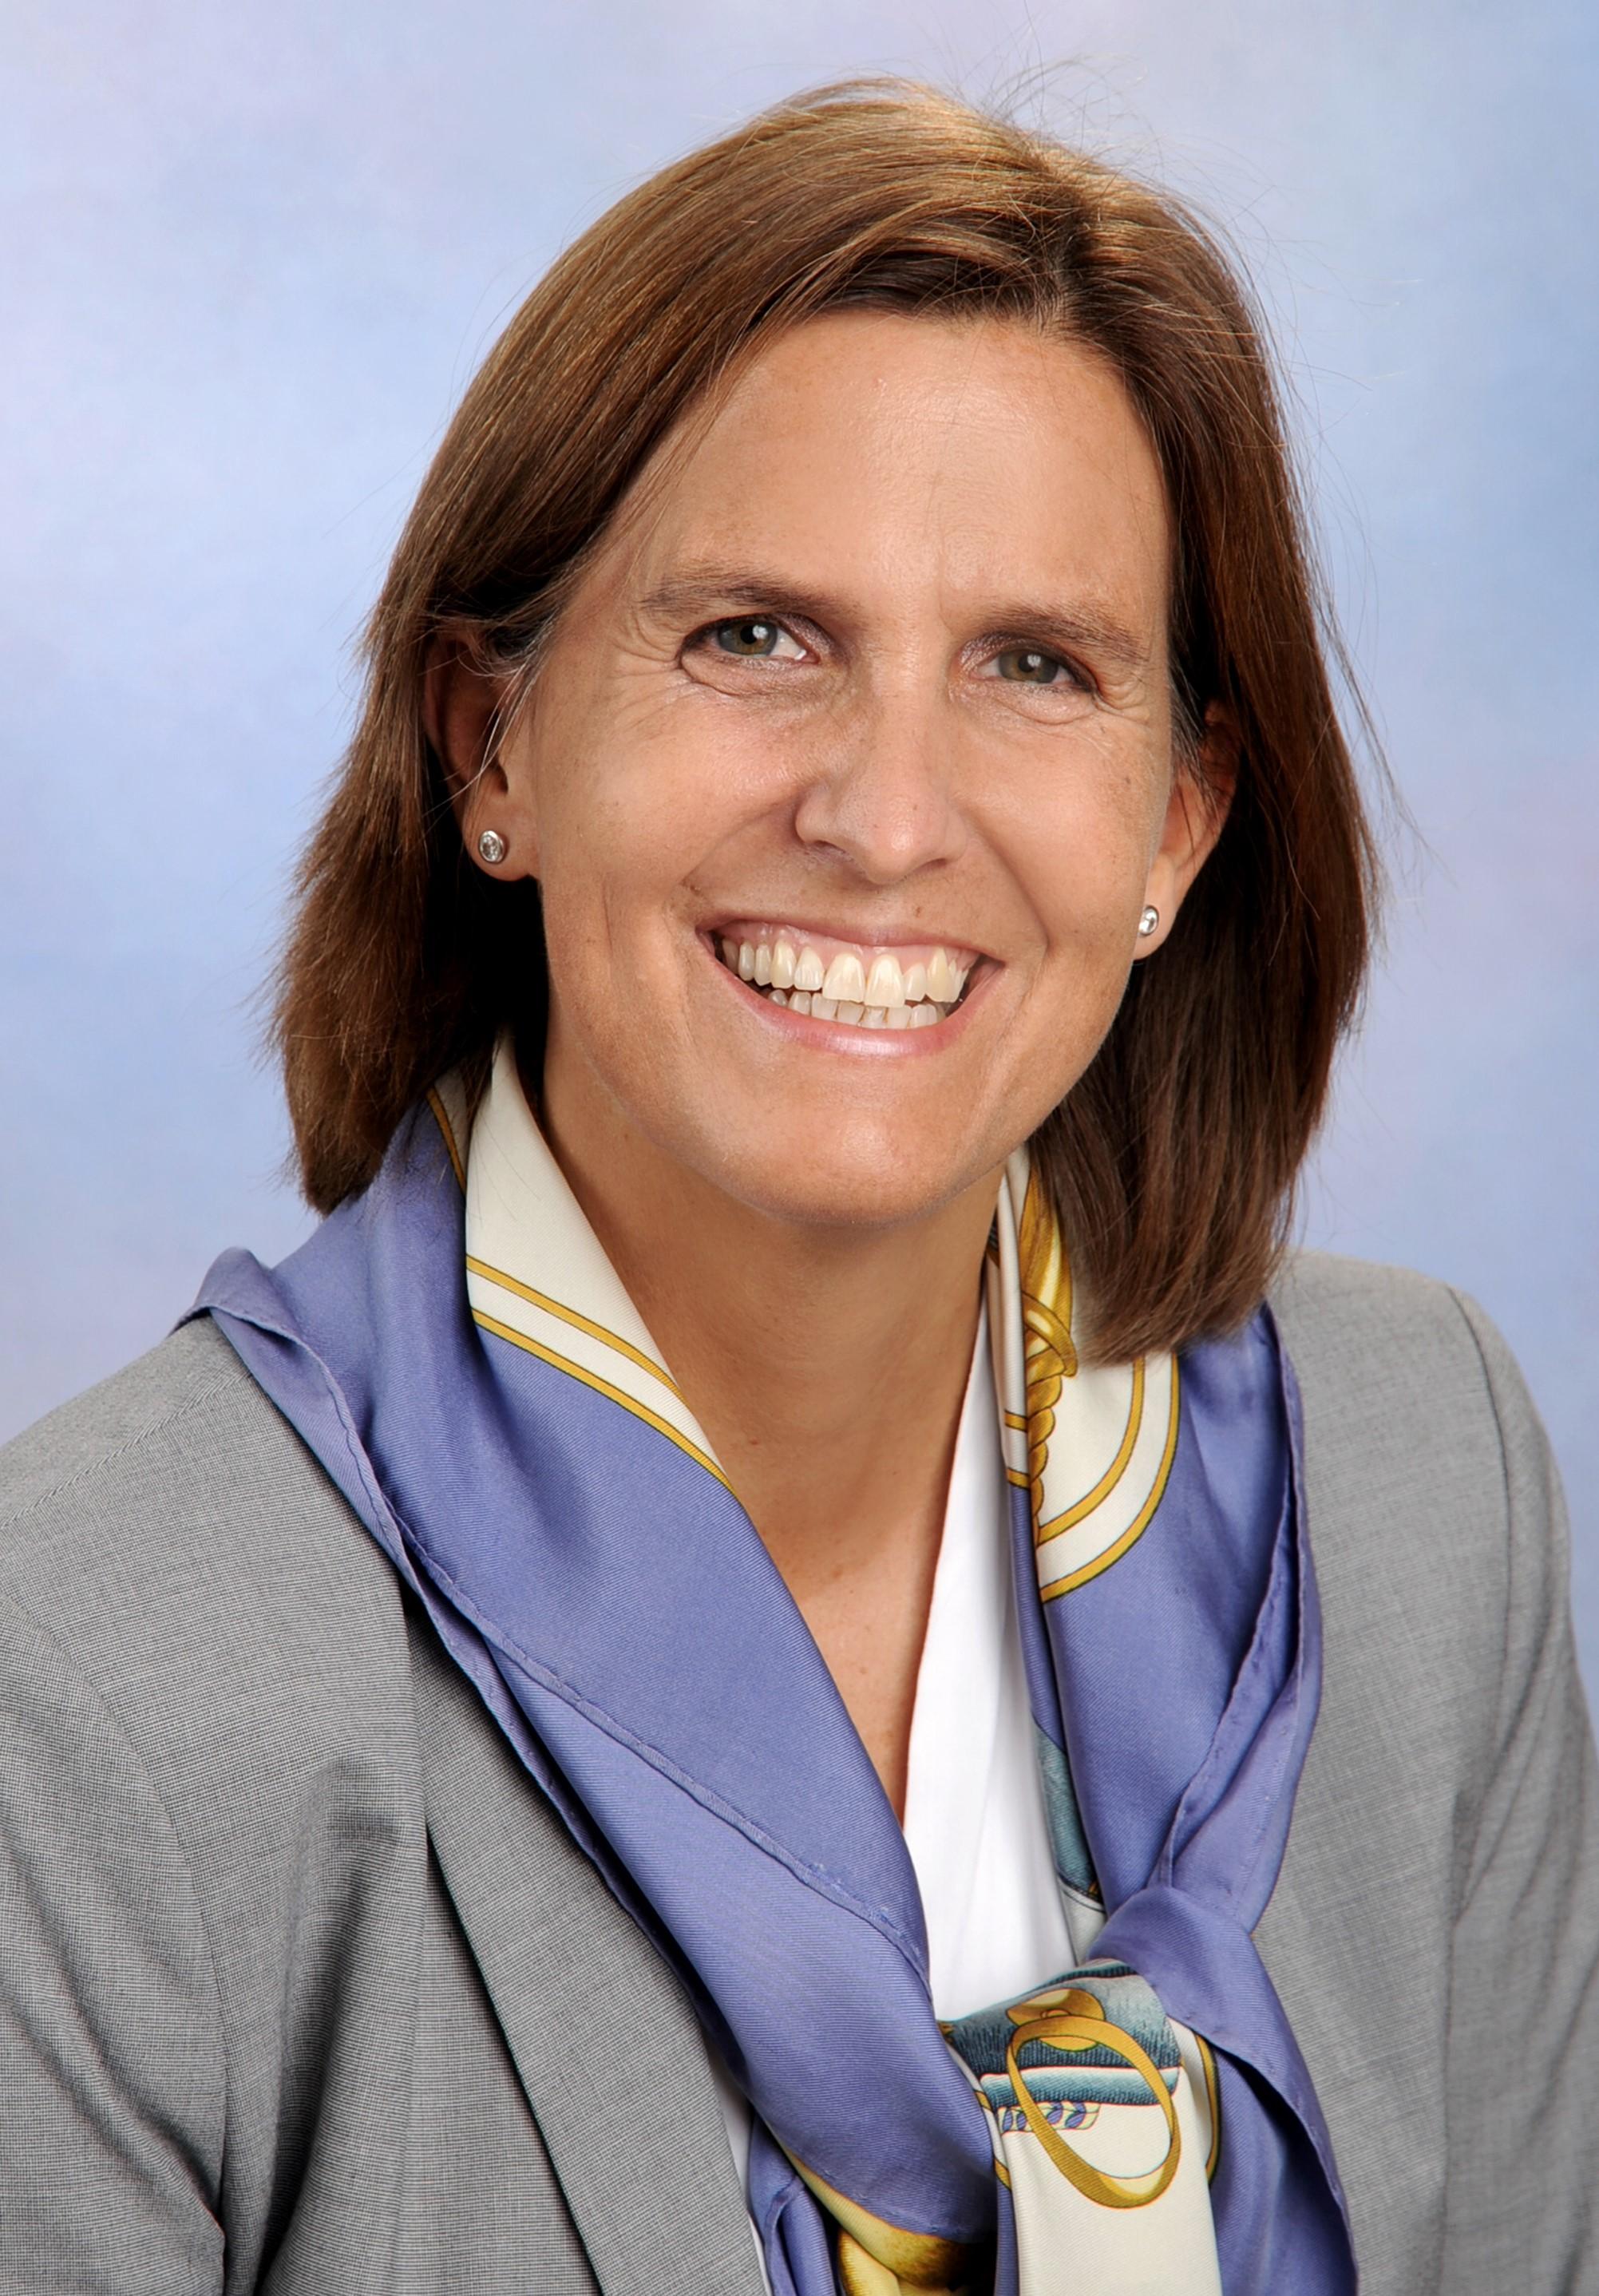 Eva Kirchmayr